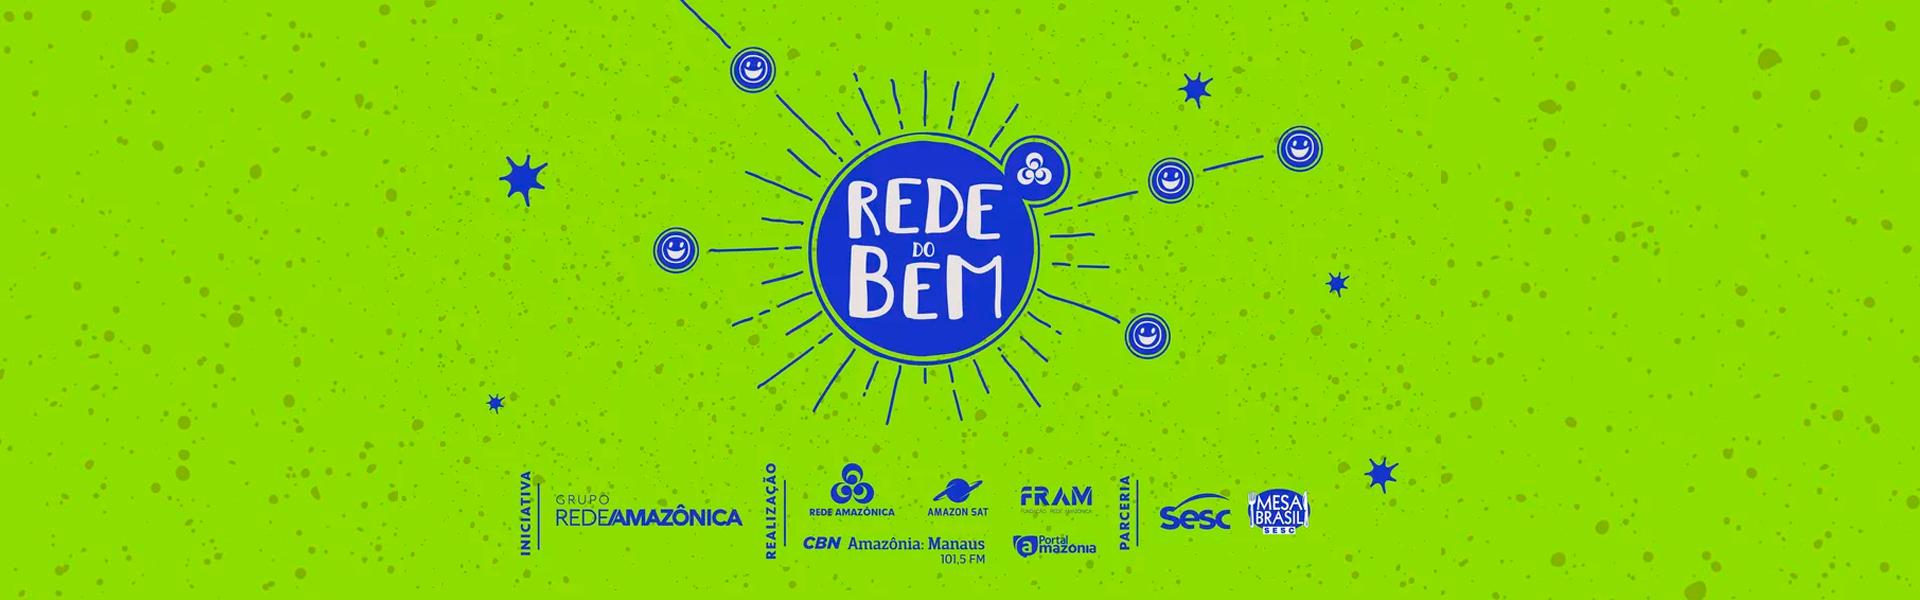 Rede do Bem: Saiba quais são os pontos de coleta em Macapá